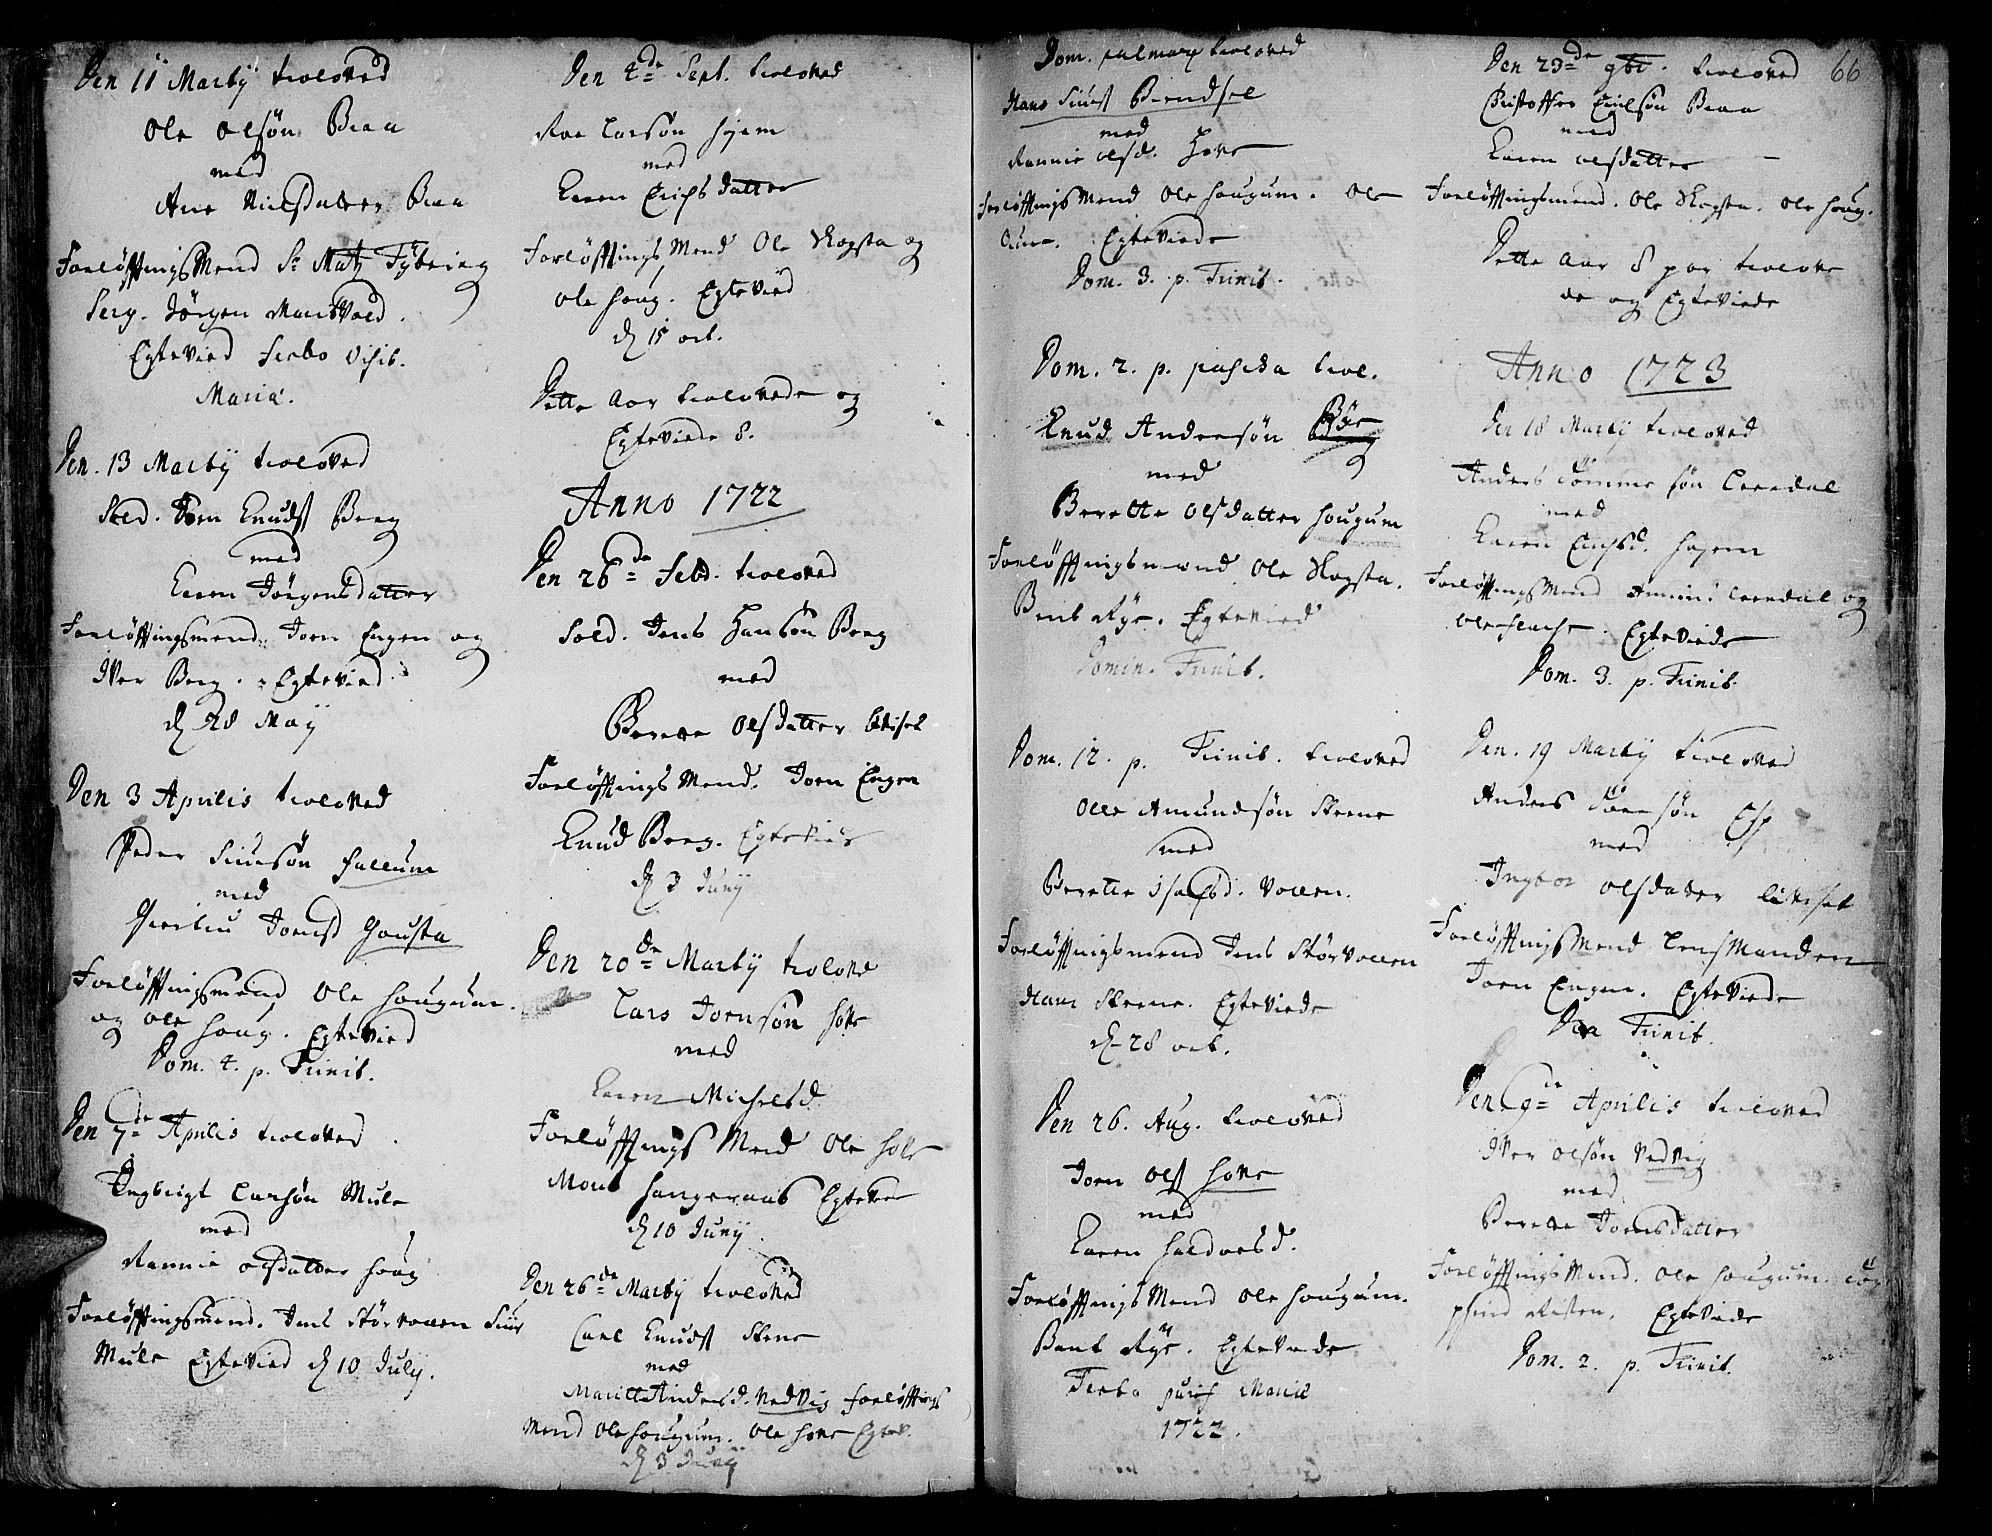 SAT, Ministerialprotokoller, klokkerbøker og fødselsregistre - Sør-Trøndelag, 612/L0368: Ministerialbok nr. 612A02, 1702-1753, s. 66